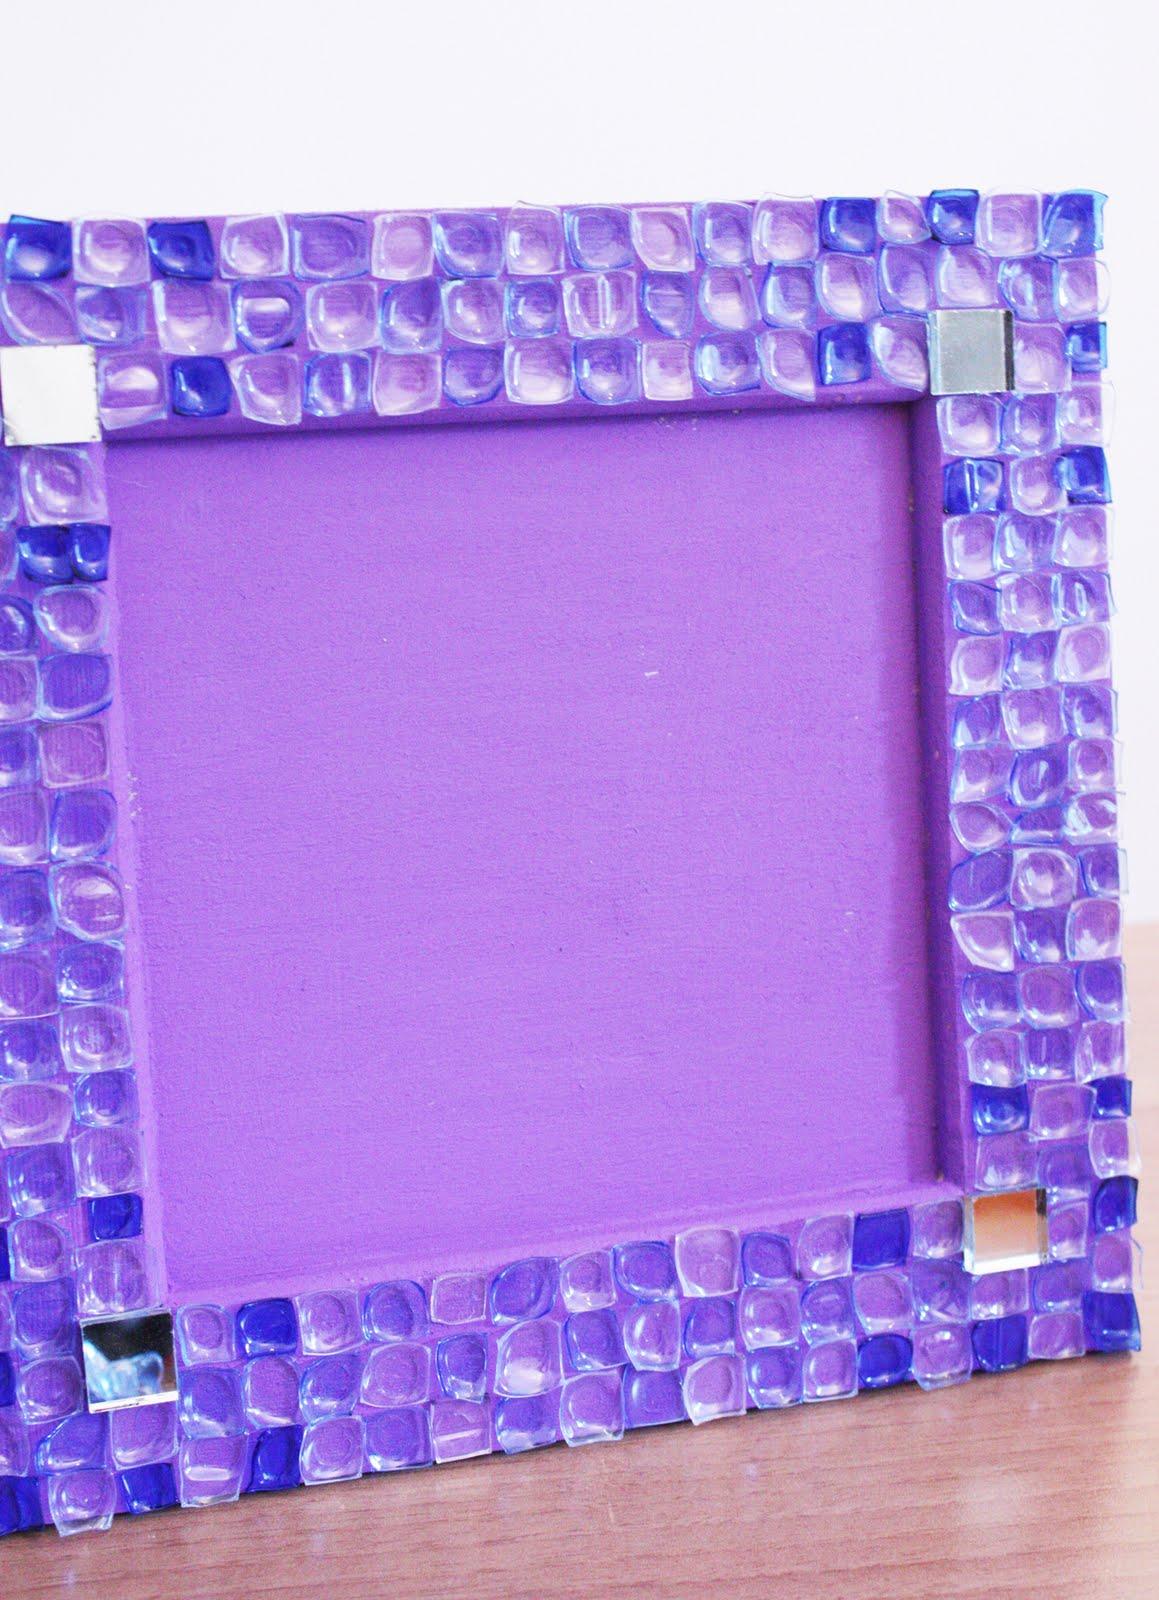 Plasticando cornici per fotografie frames for pictures for Cornici nere per foto